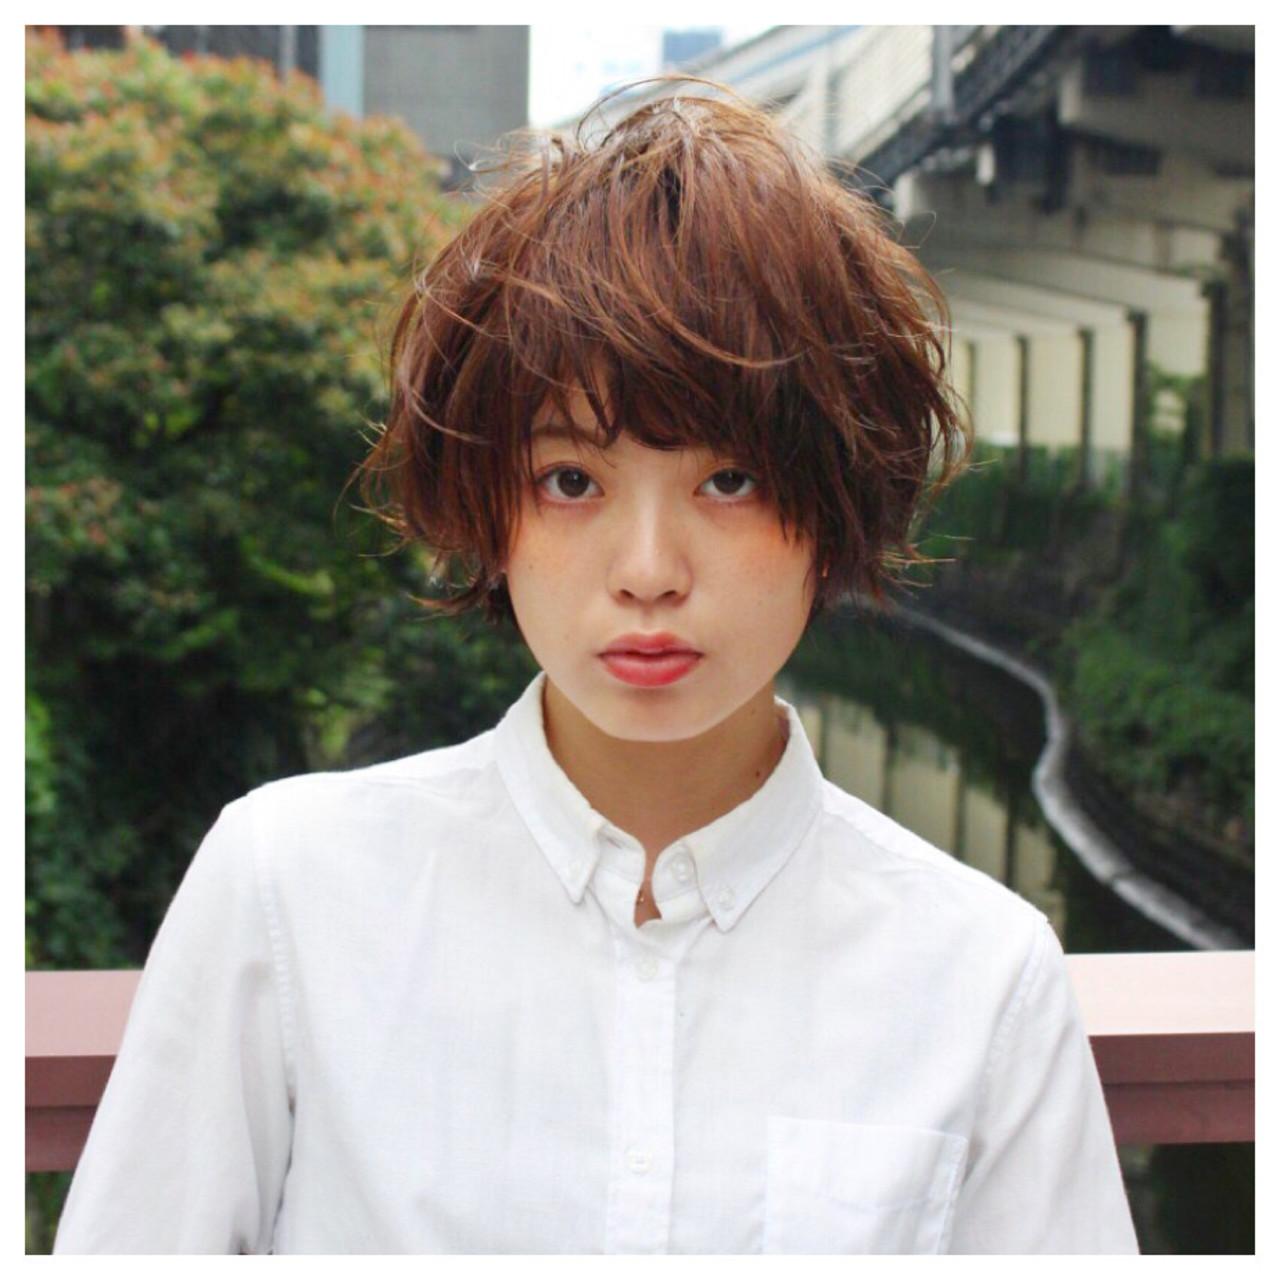 パーマ アッシュ ピュア ゆるふわ ヘアスタイルや髪型の写真・画像 | 廣瀬祐太 / Alma